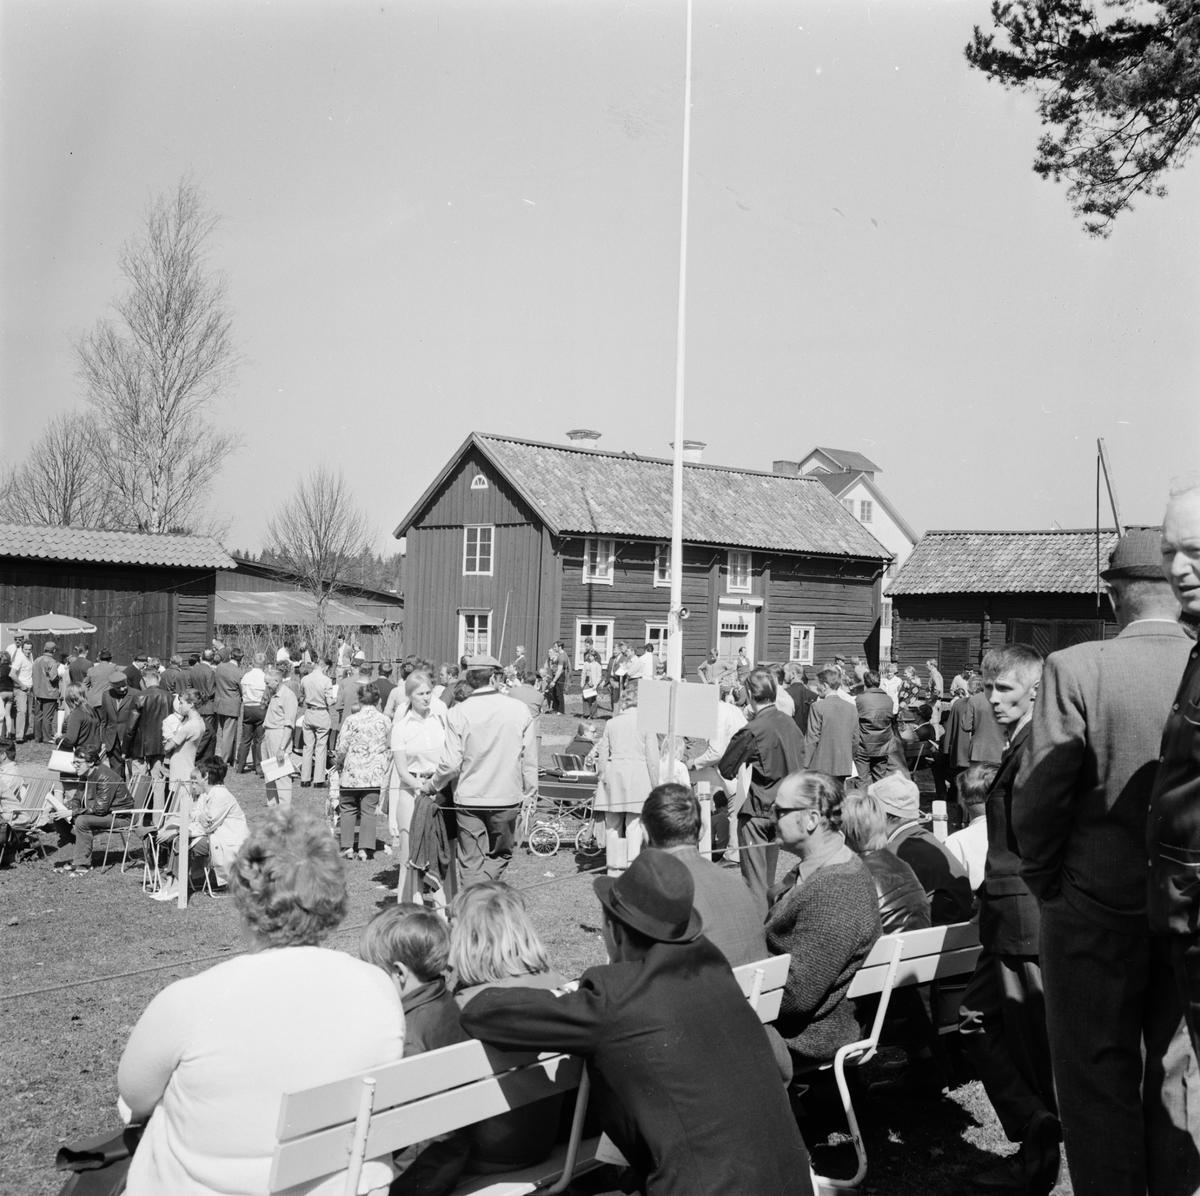 Älghundutställning i Tierp, Uppland, maj 1971